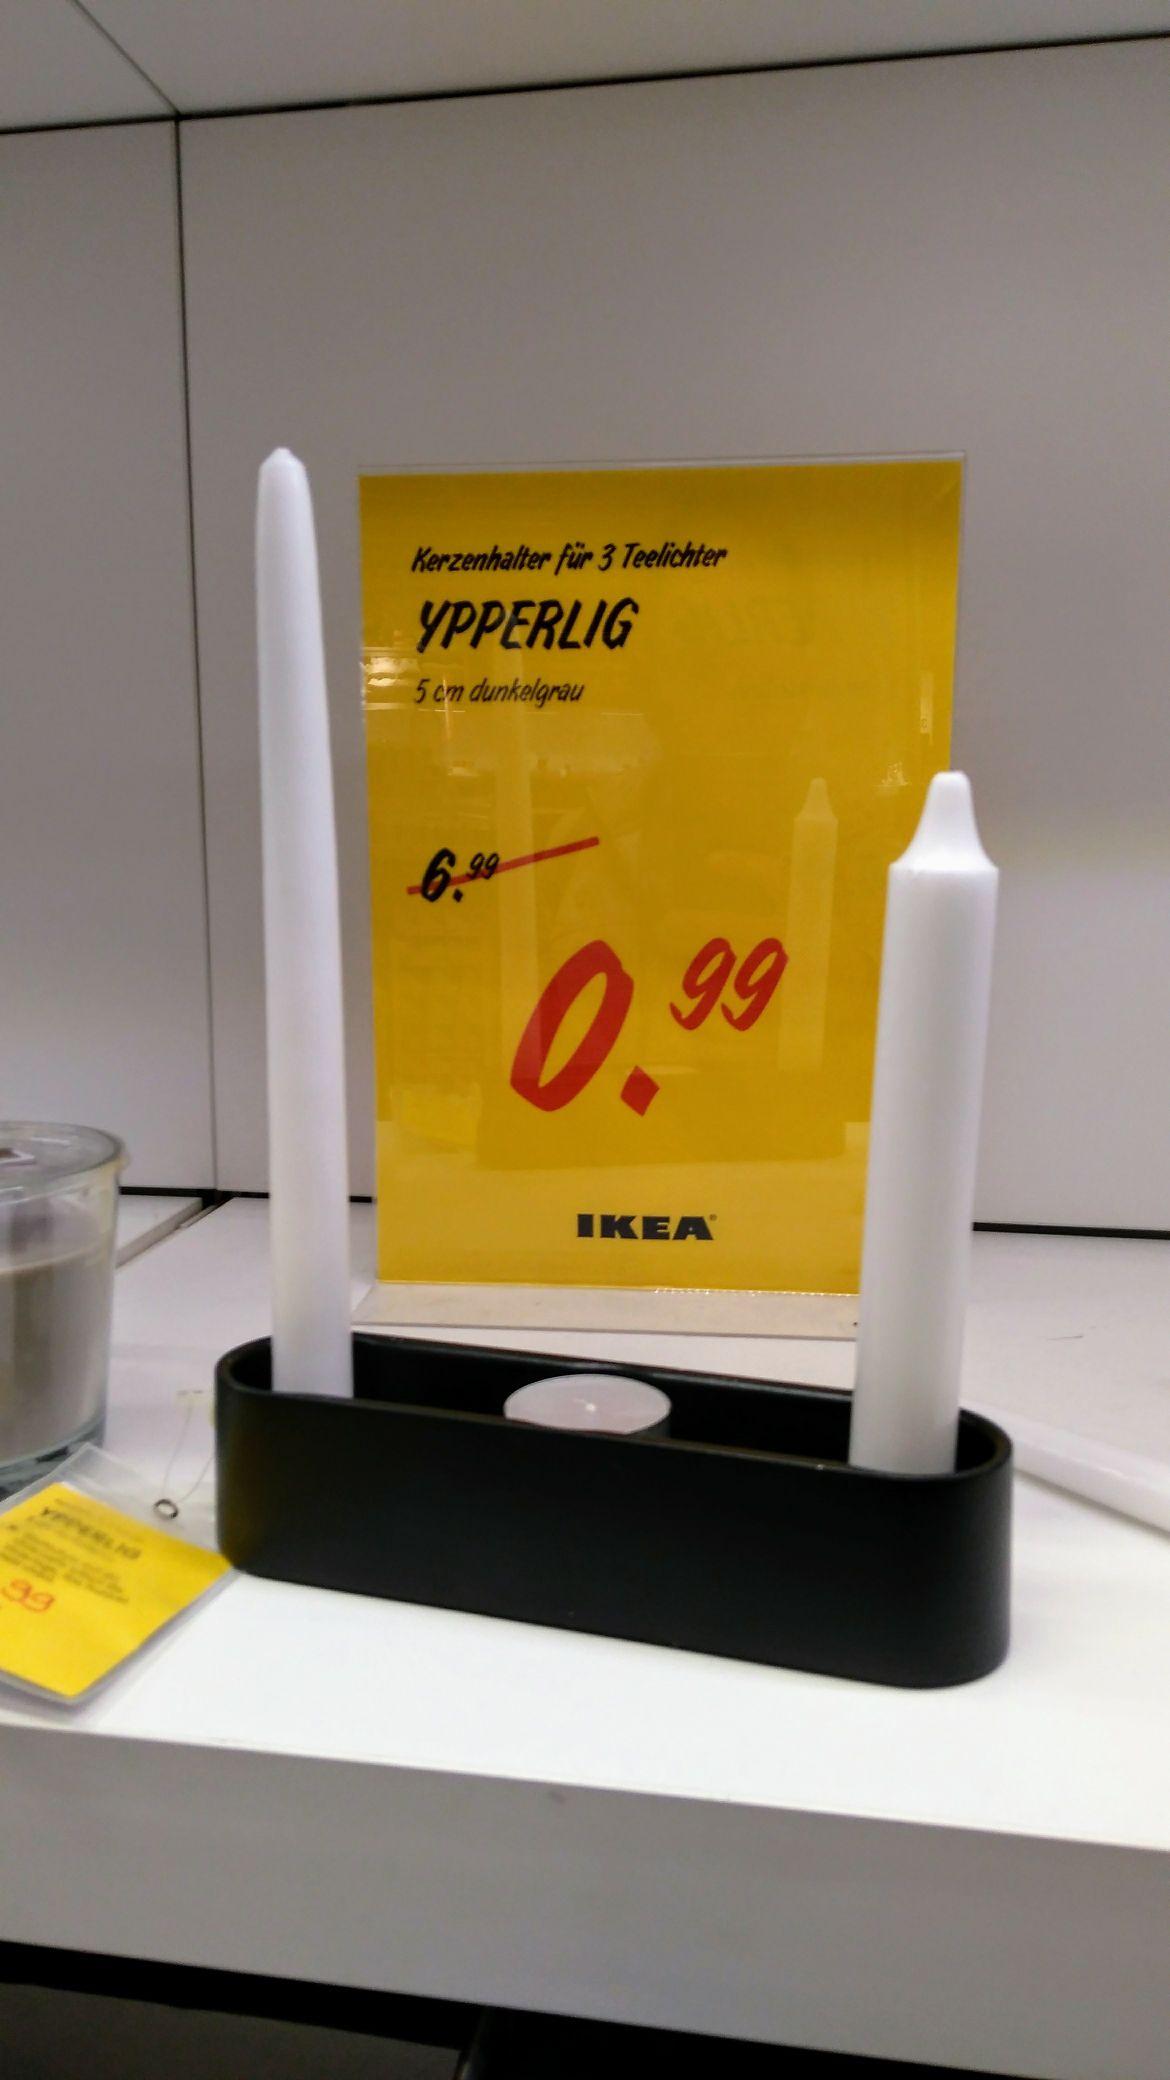 IKEA Oldenburg YPPERLIG 3er Kerzenhalter